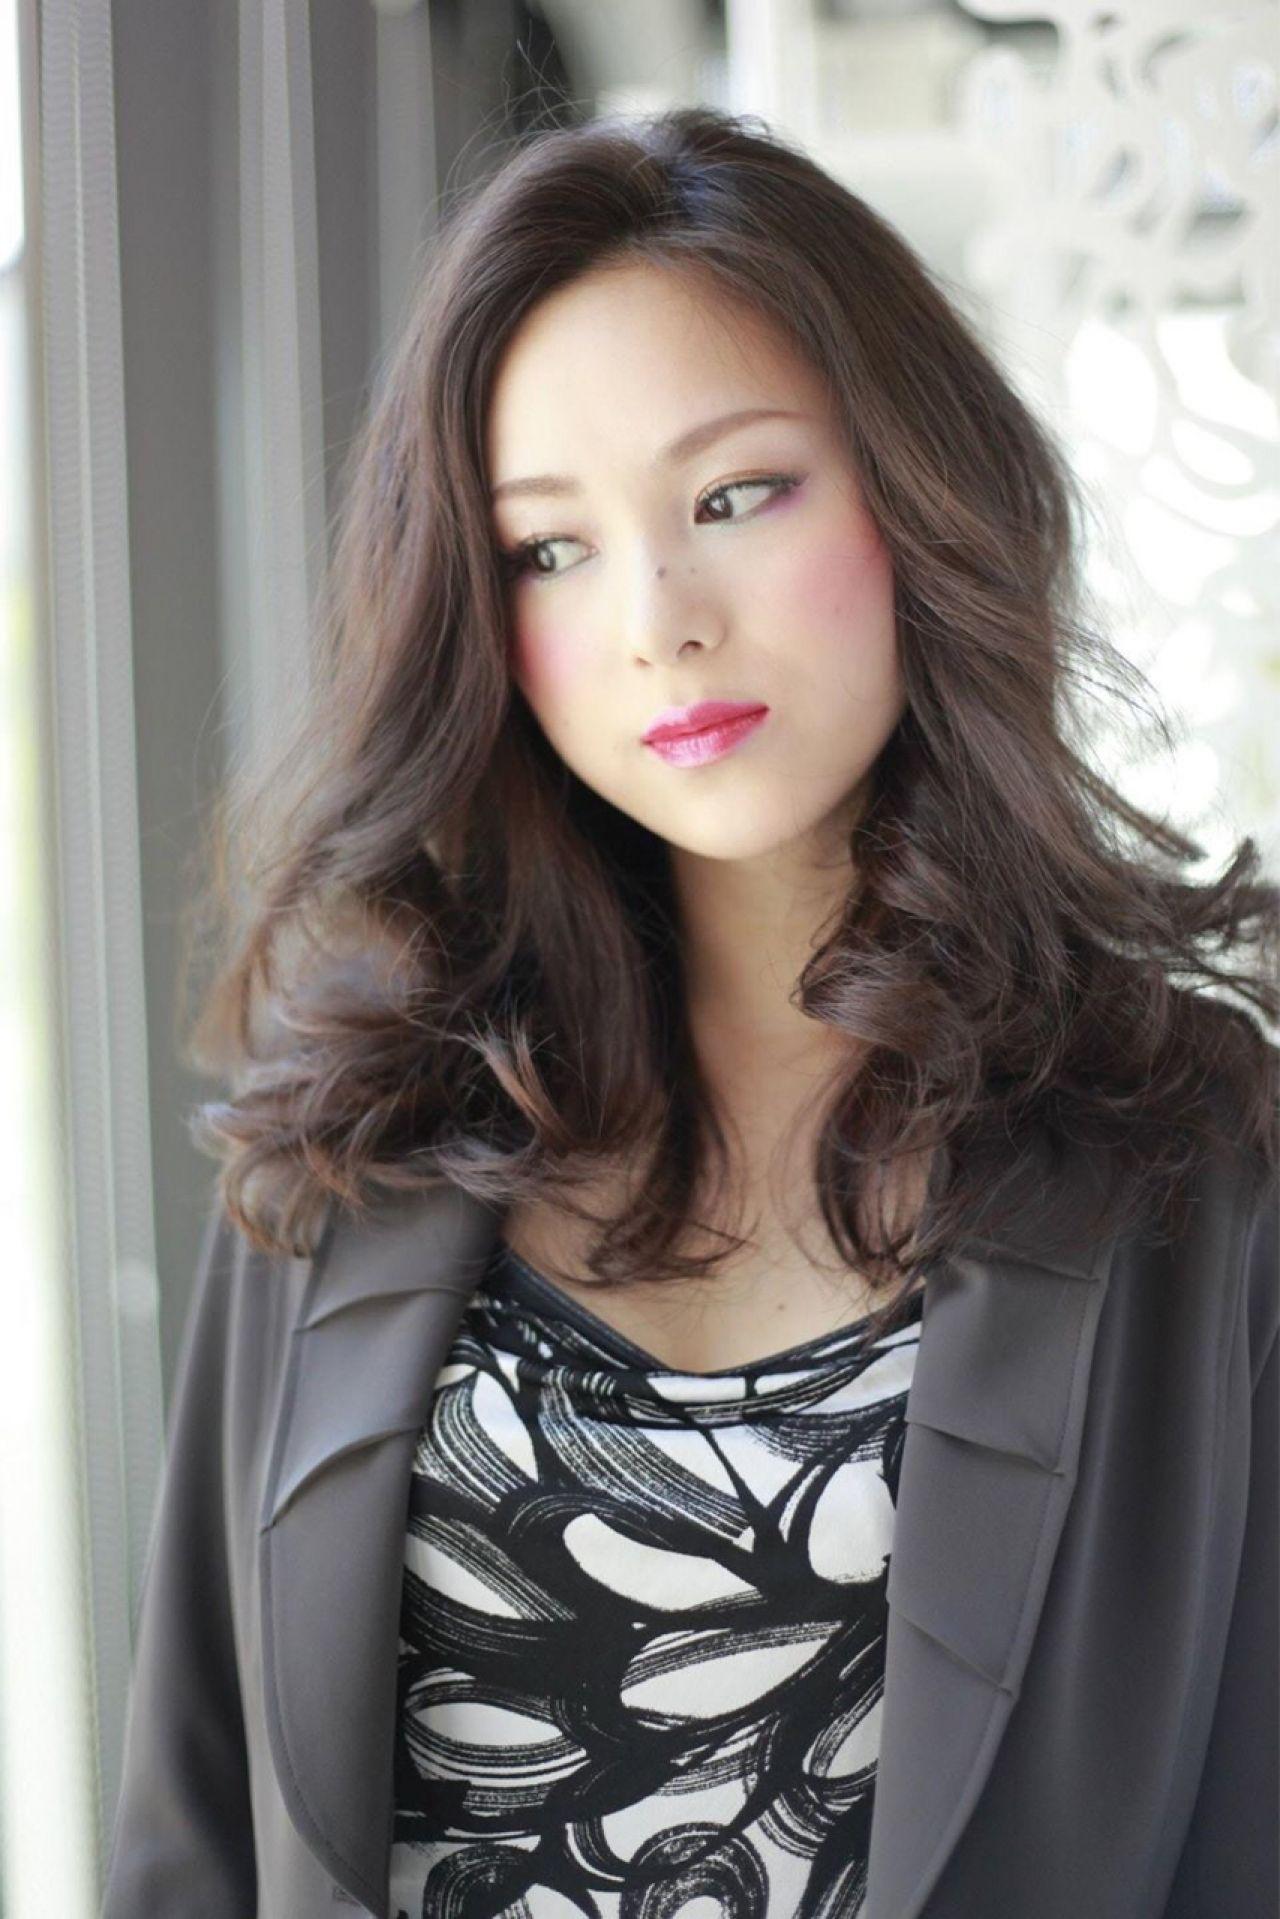 抜け感 かっこいい グラマラス モード ヘアスタイルや髪型の写真・画像 | 忠奈々 / SNIPS DOES